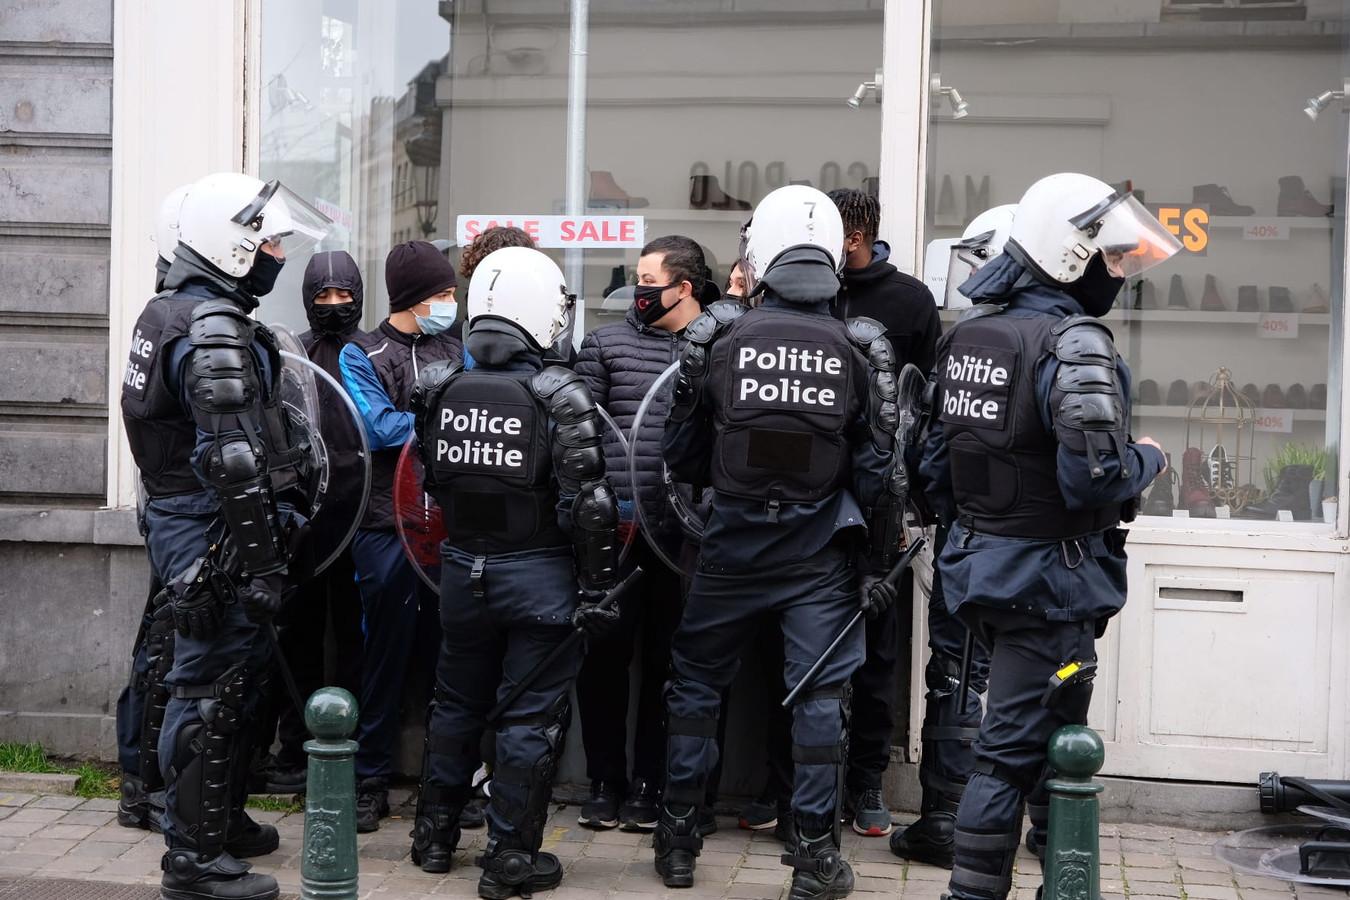 De betoging tegen 'Klassenjustitie' werd verboden, maar toch daagden er heel wat mensen op. Wat het einde moest zijn van de betoging was het begin van een kat- en muisspel tussen jongeren en politie. (archiefbeeld)